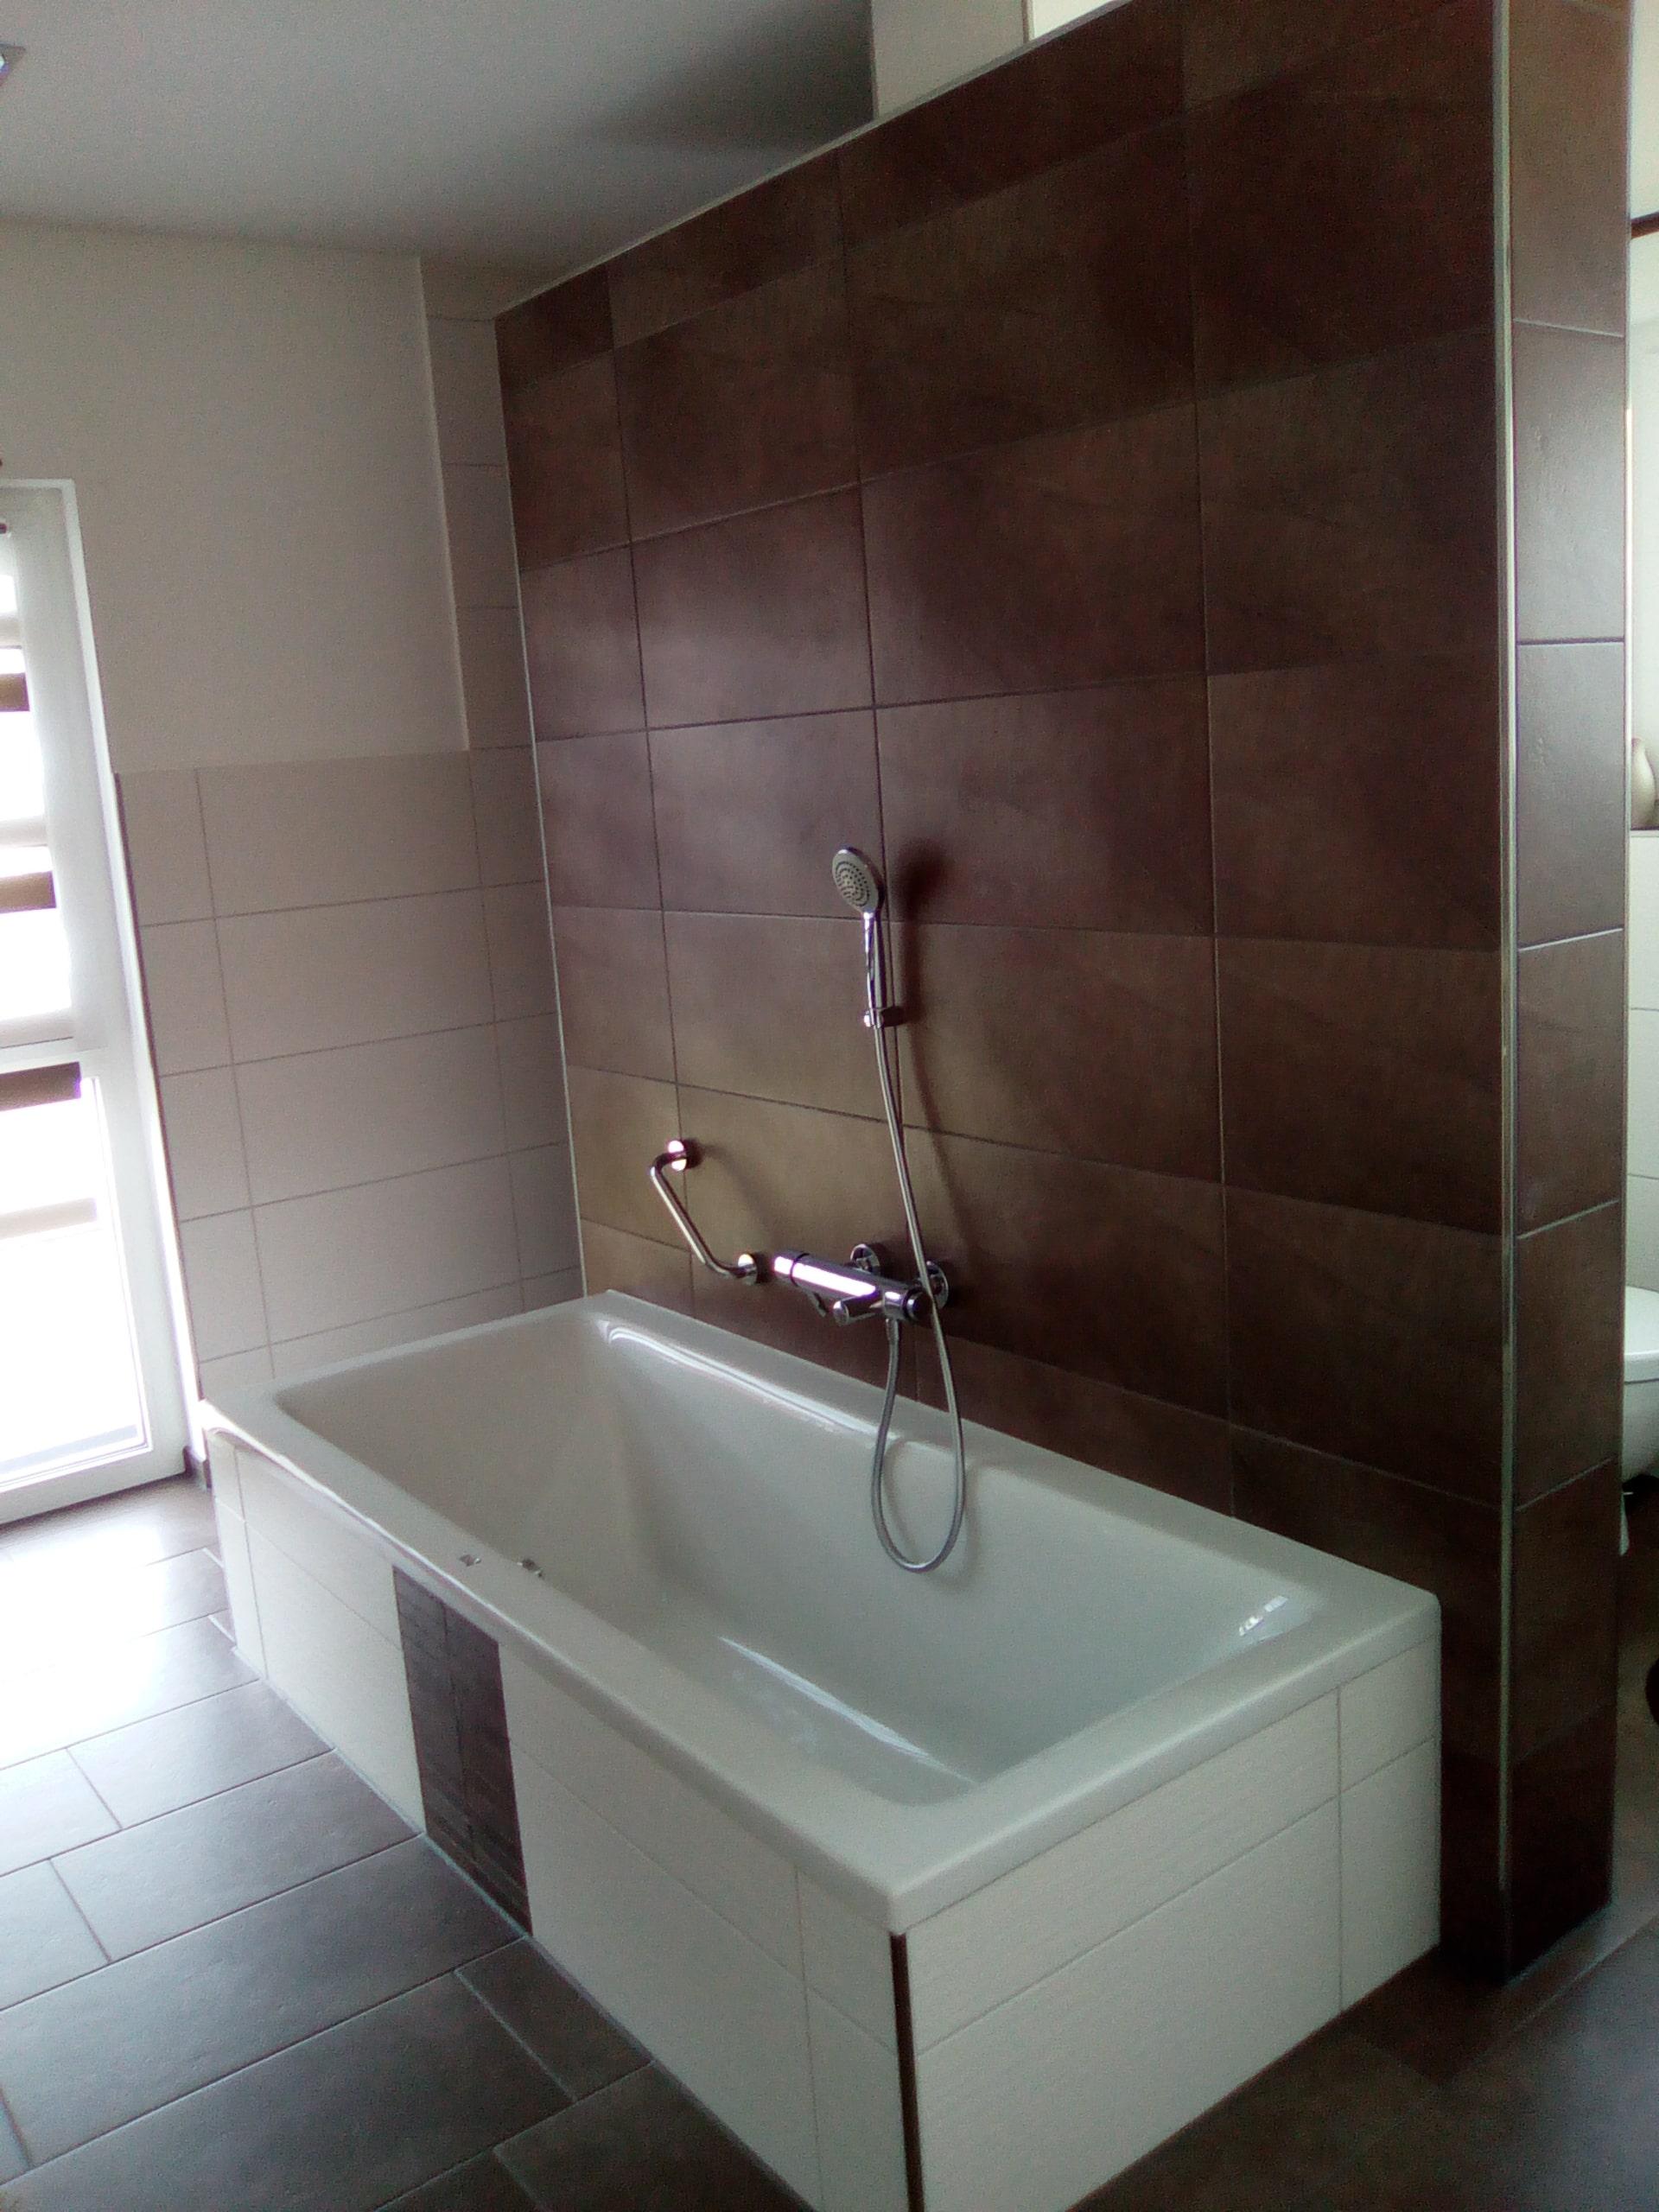 Badsanierung mit neuer Badewanne